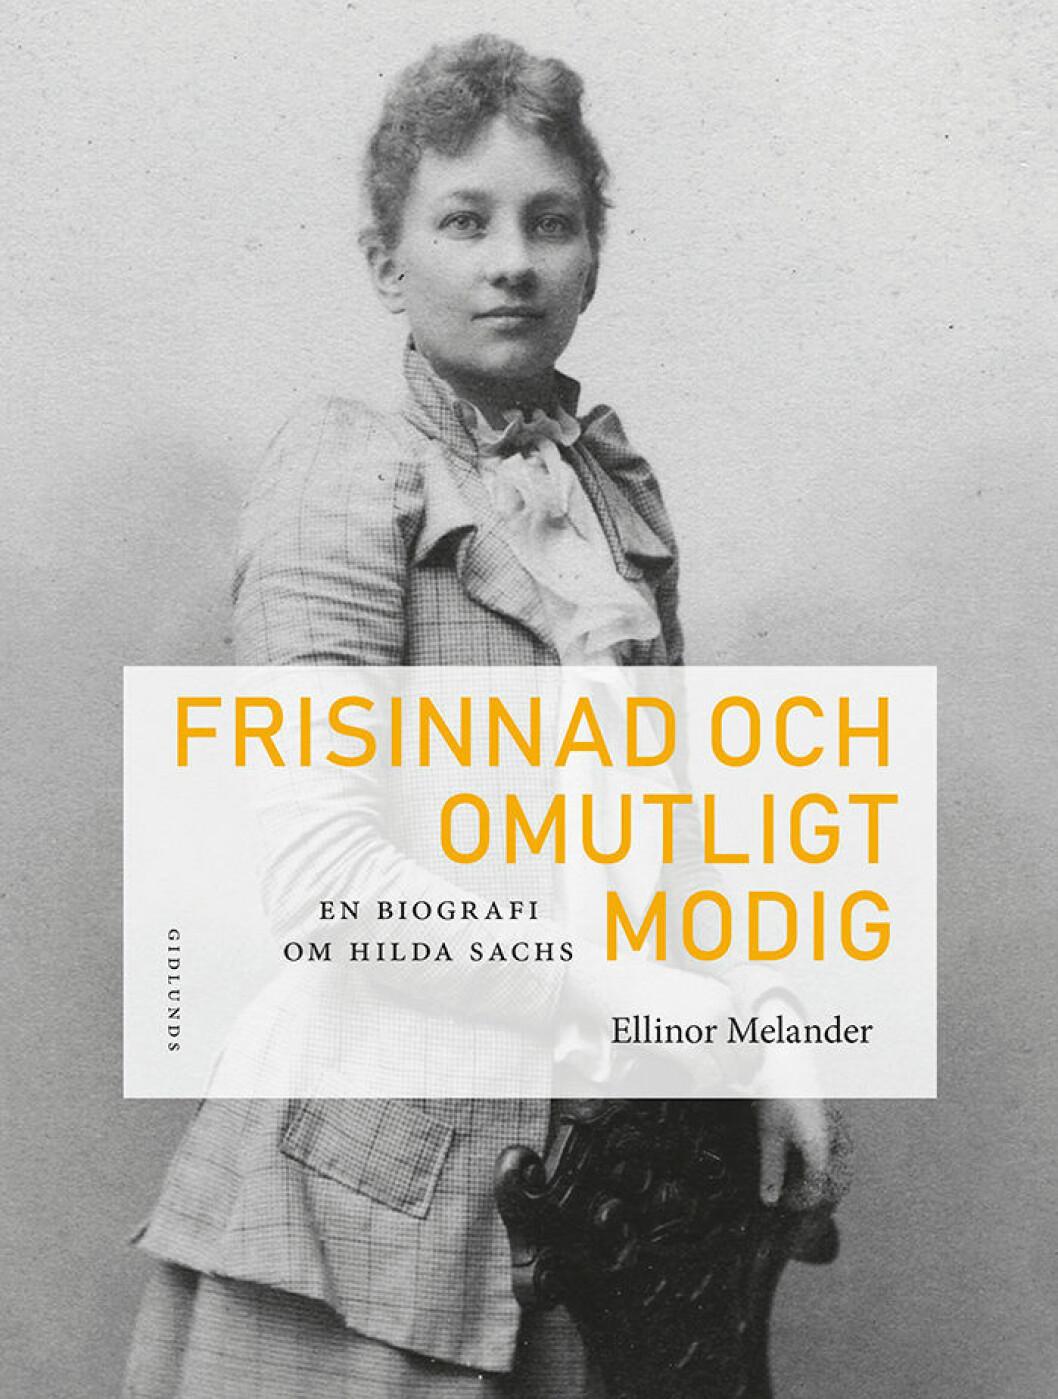 En biografi om Hilda Sachs Frisinnad och omutligt modig av Ellinor Melander